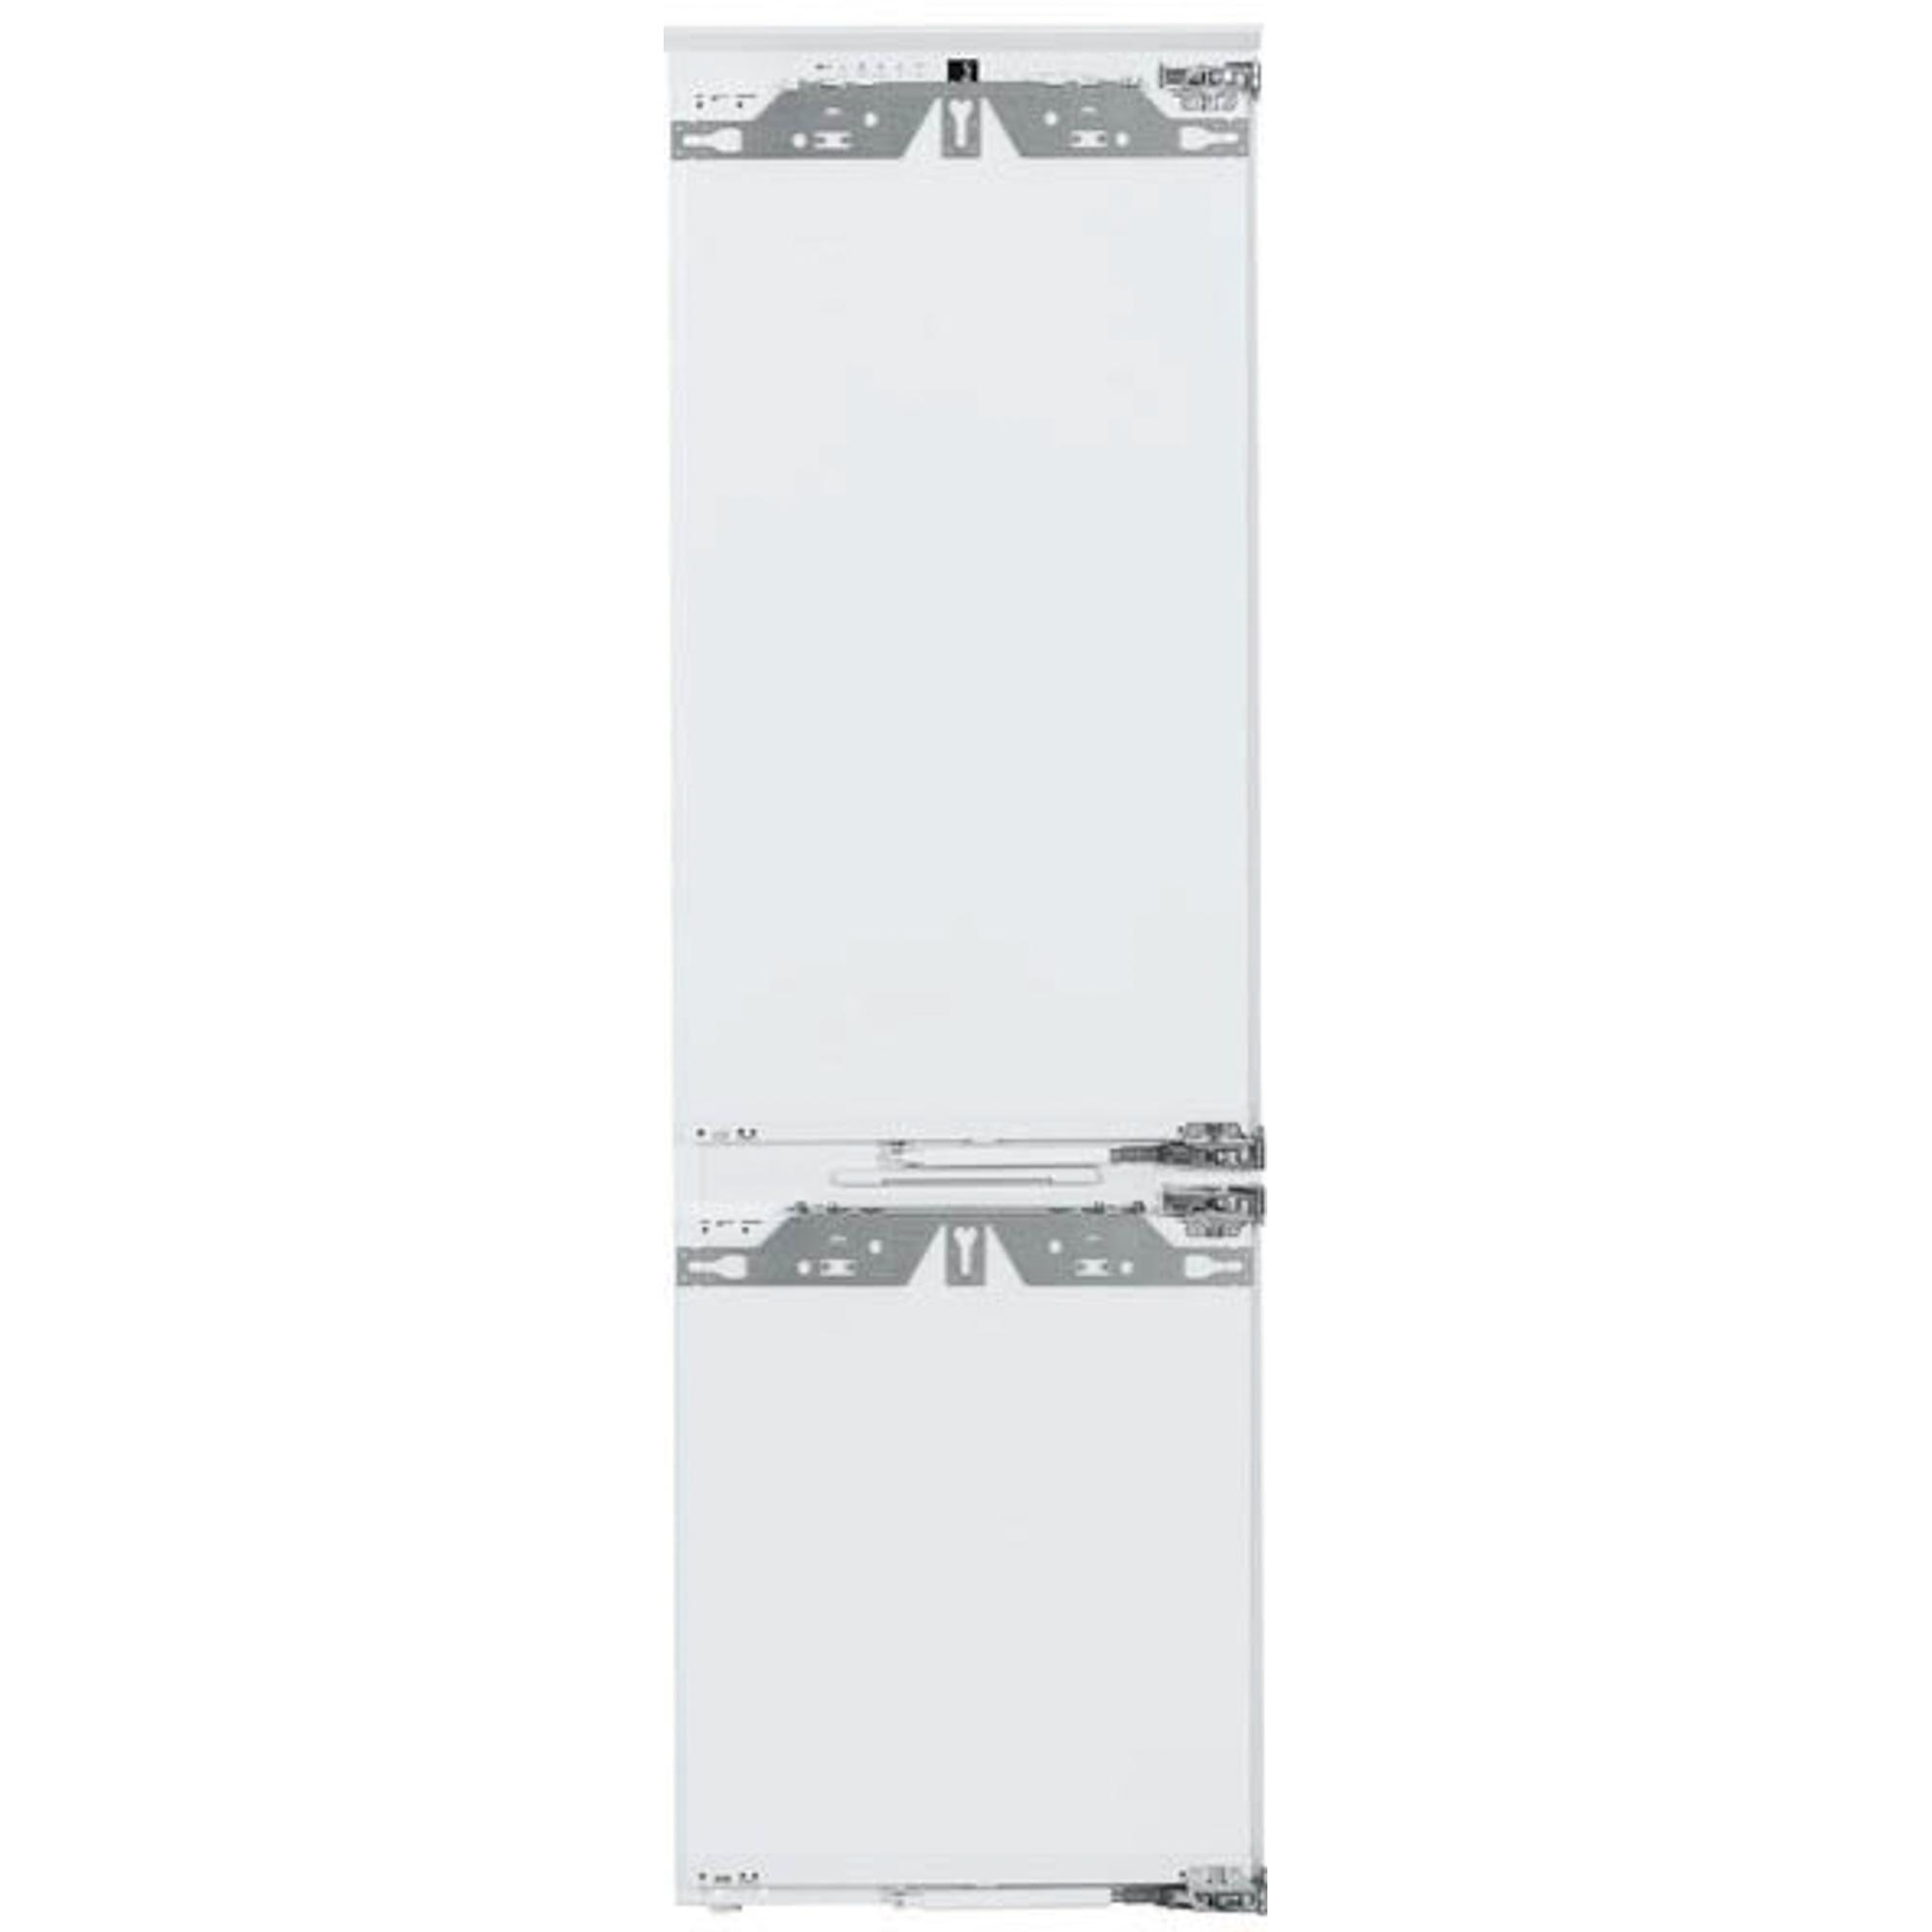 Фото - Холодильник BI LIEBHERR ICBN 3376-20 белый холодильник liebherr 5215 20 001 белый